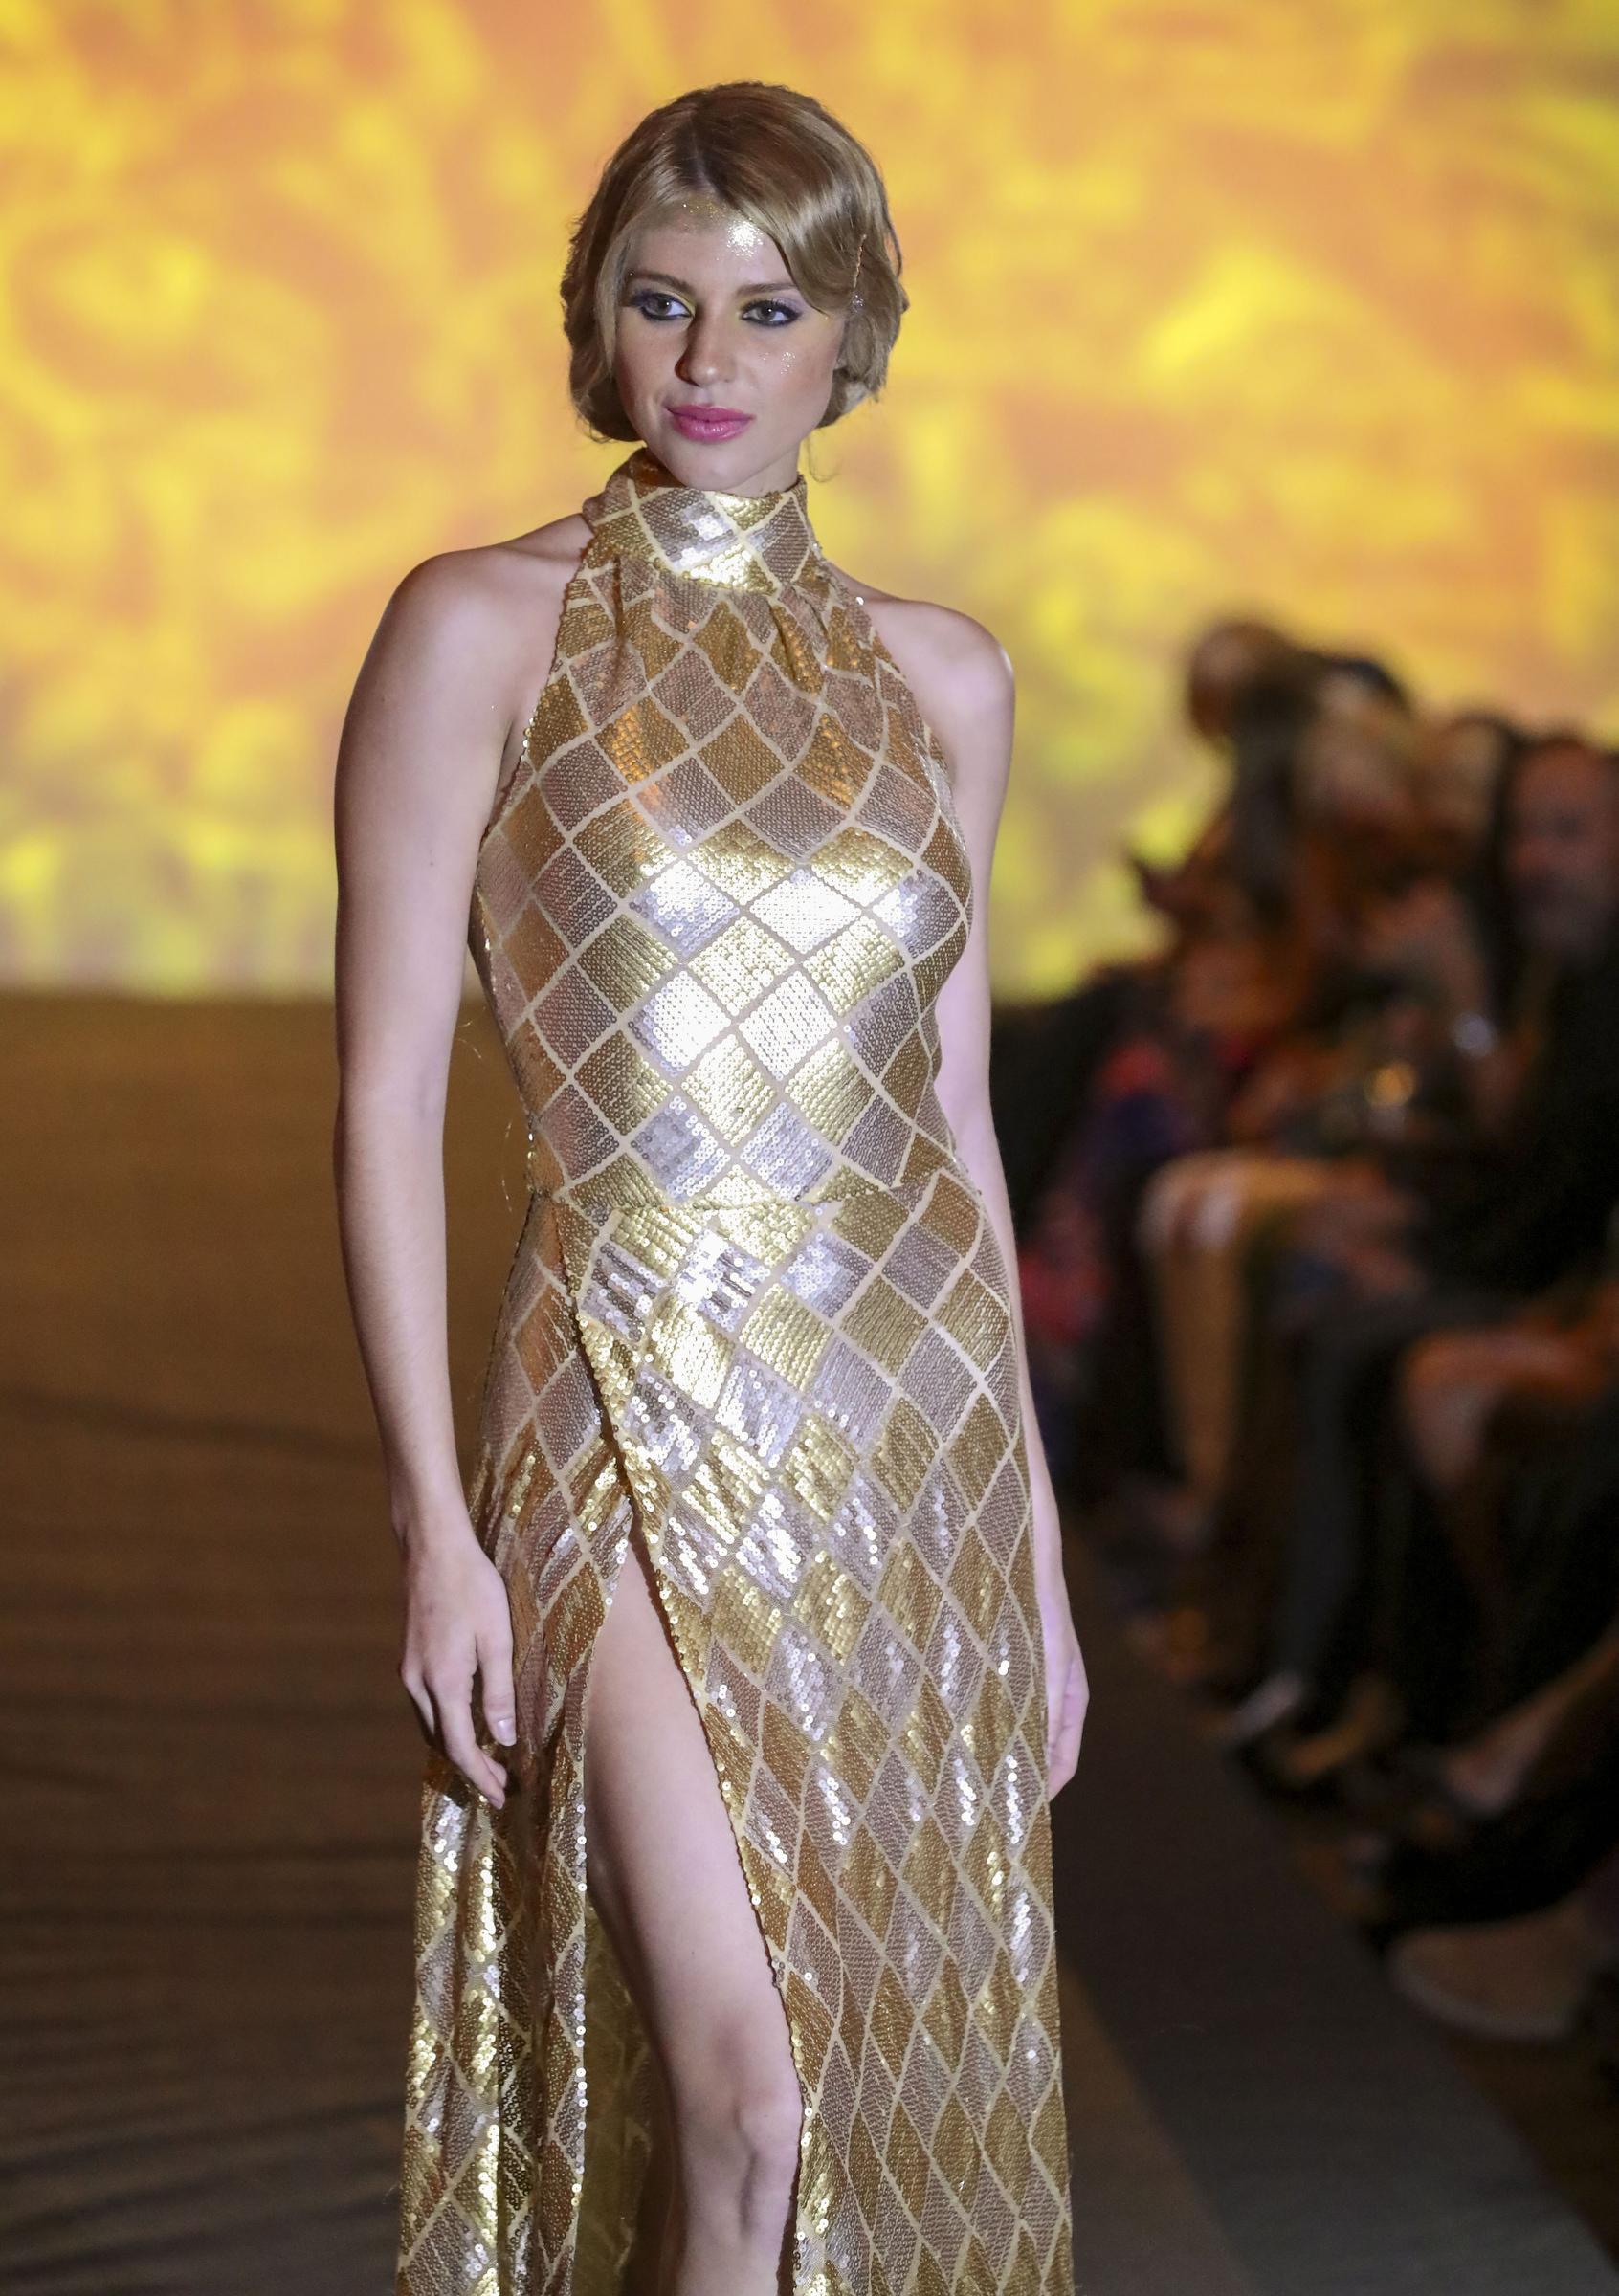 Con un vestido de noche en lentejuelas doradas, Miss Universe Puerto Rico 2019 cerró el desfile de Eddie Guerrero. (David Villafañe)